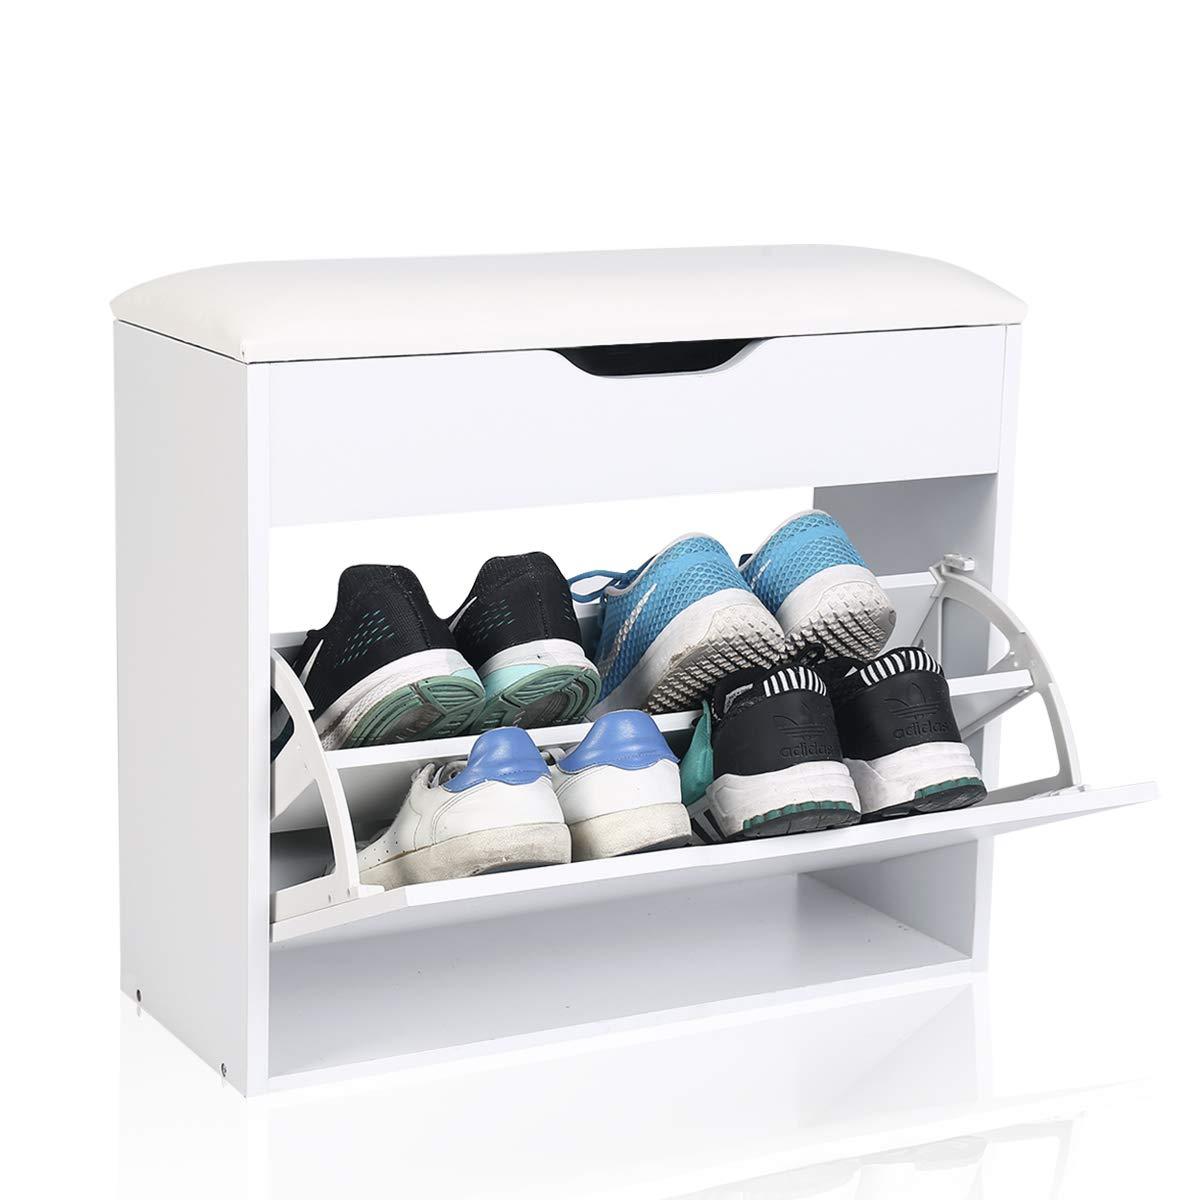 Schuhschrank Schuhkipper Rack Aufklappbar Kissen Bad Flur Diele Standregal Weiß 1 Fächer extra Schmal Sie bis zu 4-6 Paar Schuhe-für Eingangsbereich Flur und Badezimmer (60x24x55)